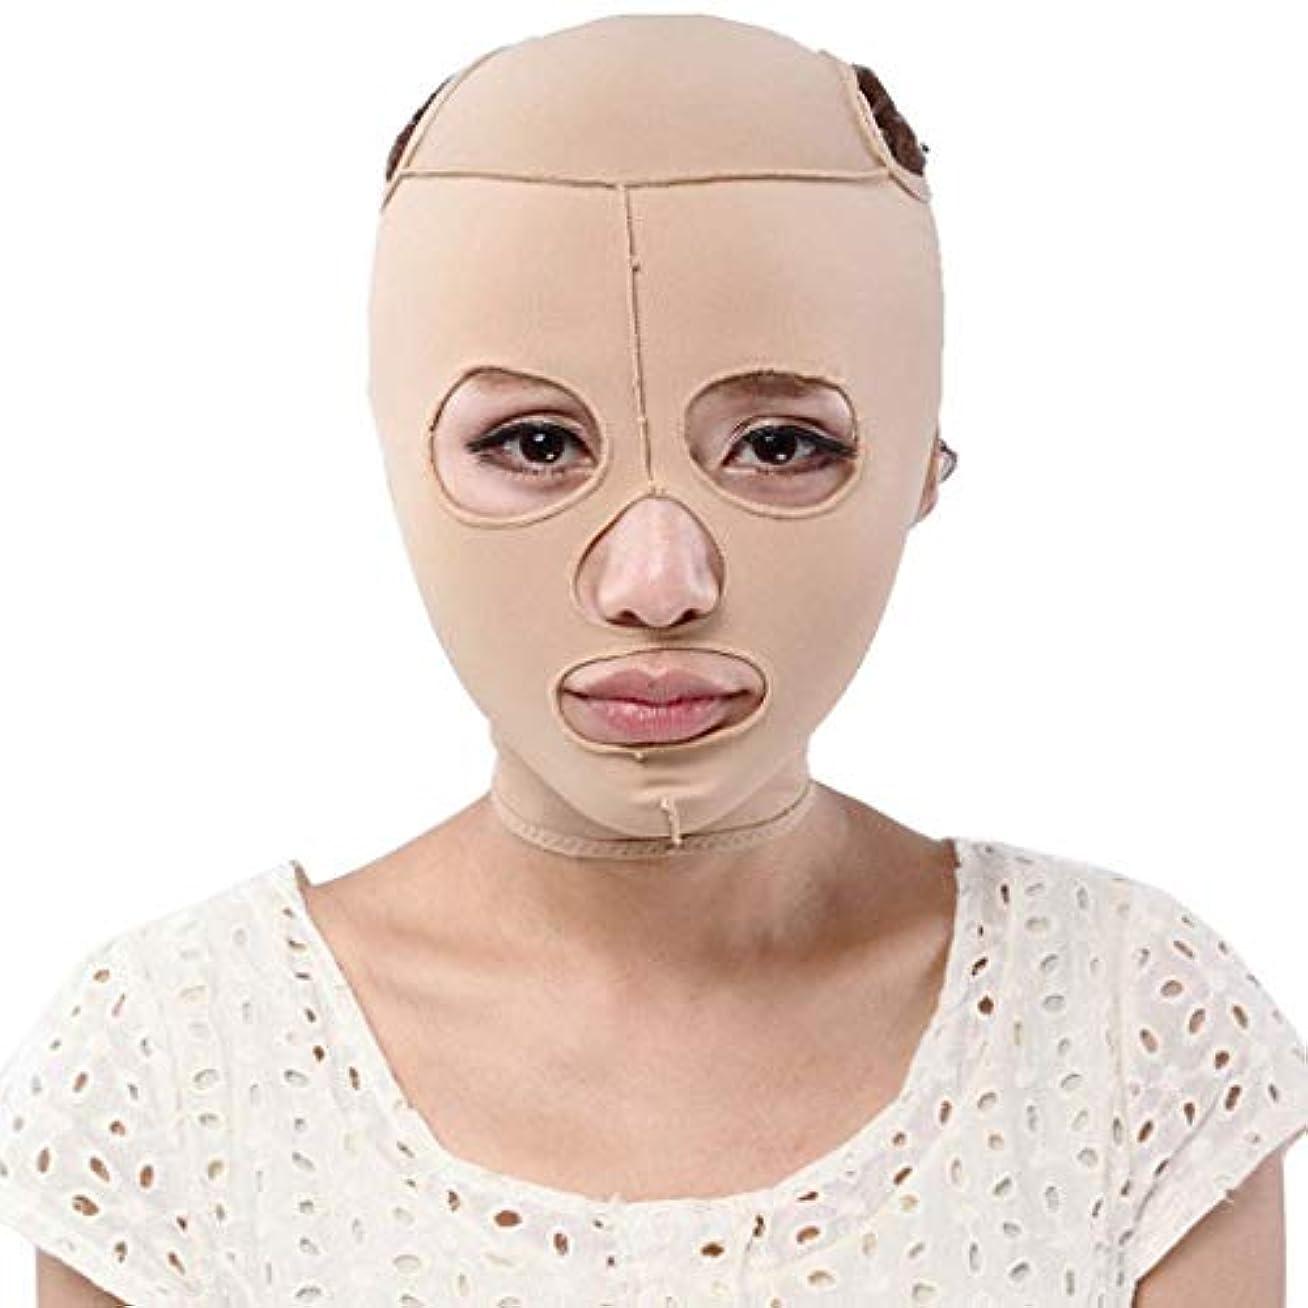 形状ポルティコ戻すフェイシャルスリミングマスク、フェイスリフティング包帯Vフェイスリフティングおよびリフティング/チンブラッシュスリムボディリダクションダブルチン減量包帯通気性、肌(XL) (S)